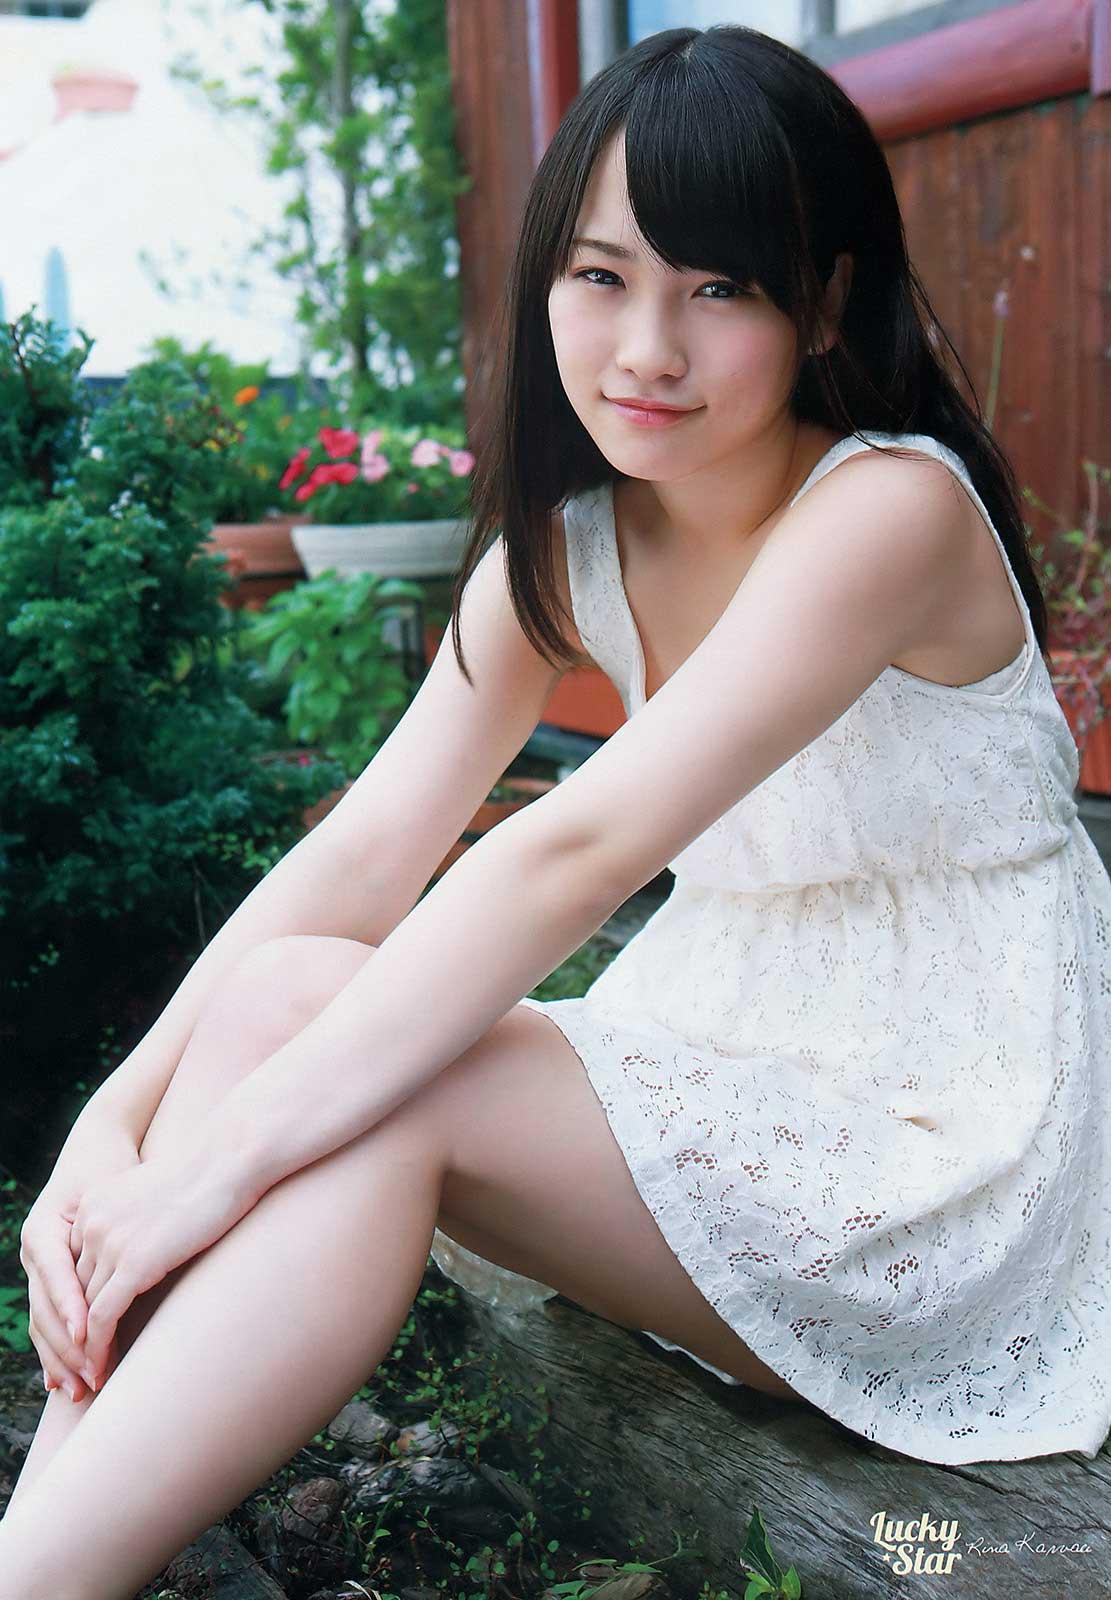 AKB48川栄李奈さんのキュートな水着姿画像を集めてみました!!のサムネイル画像